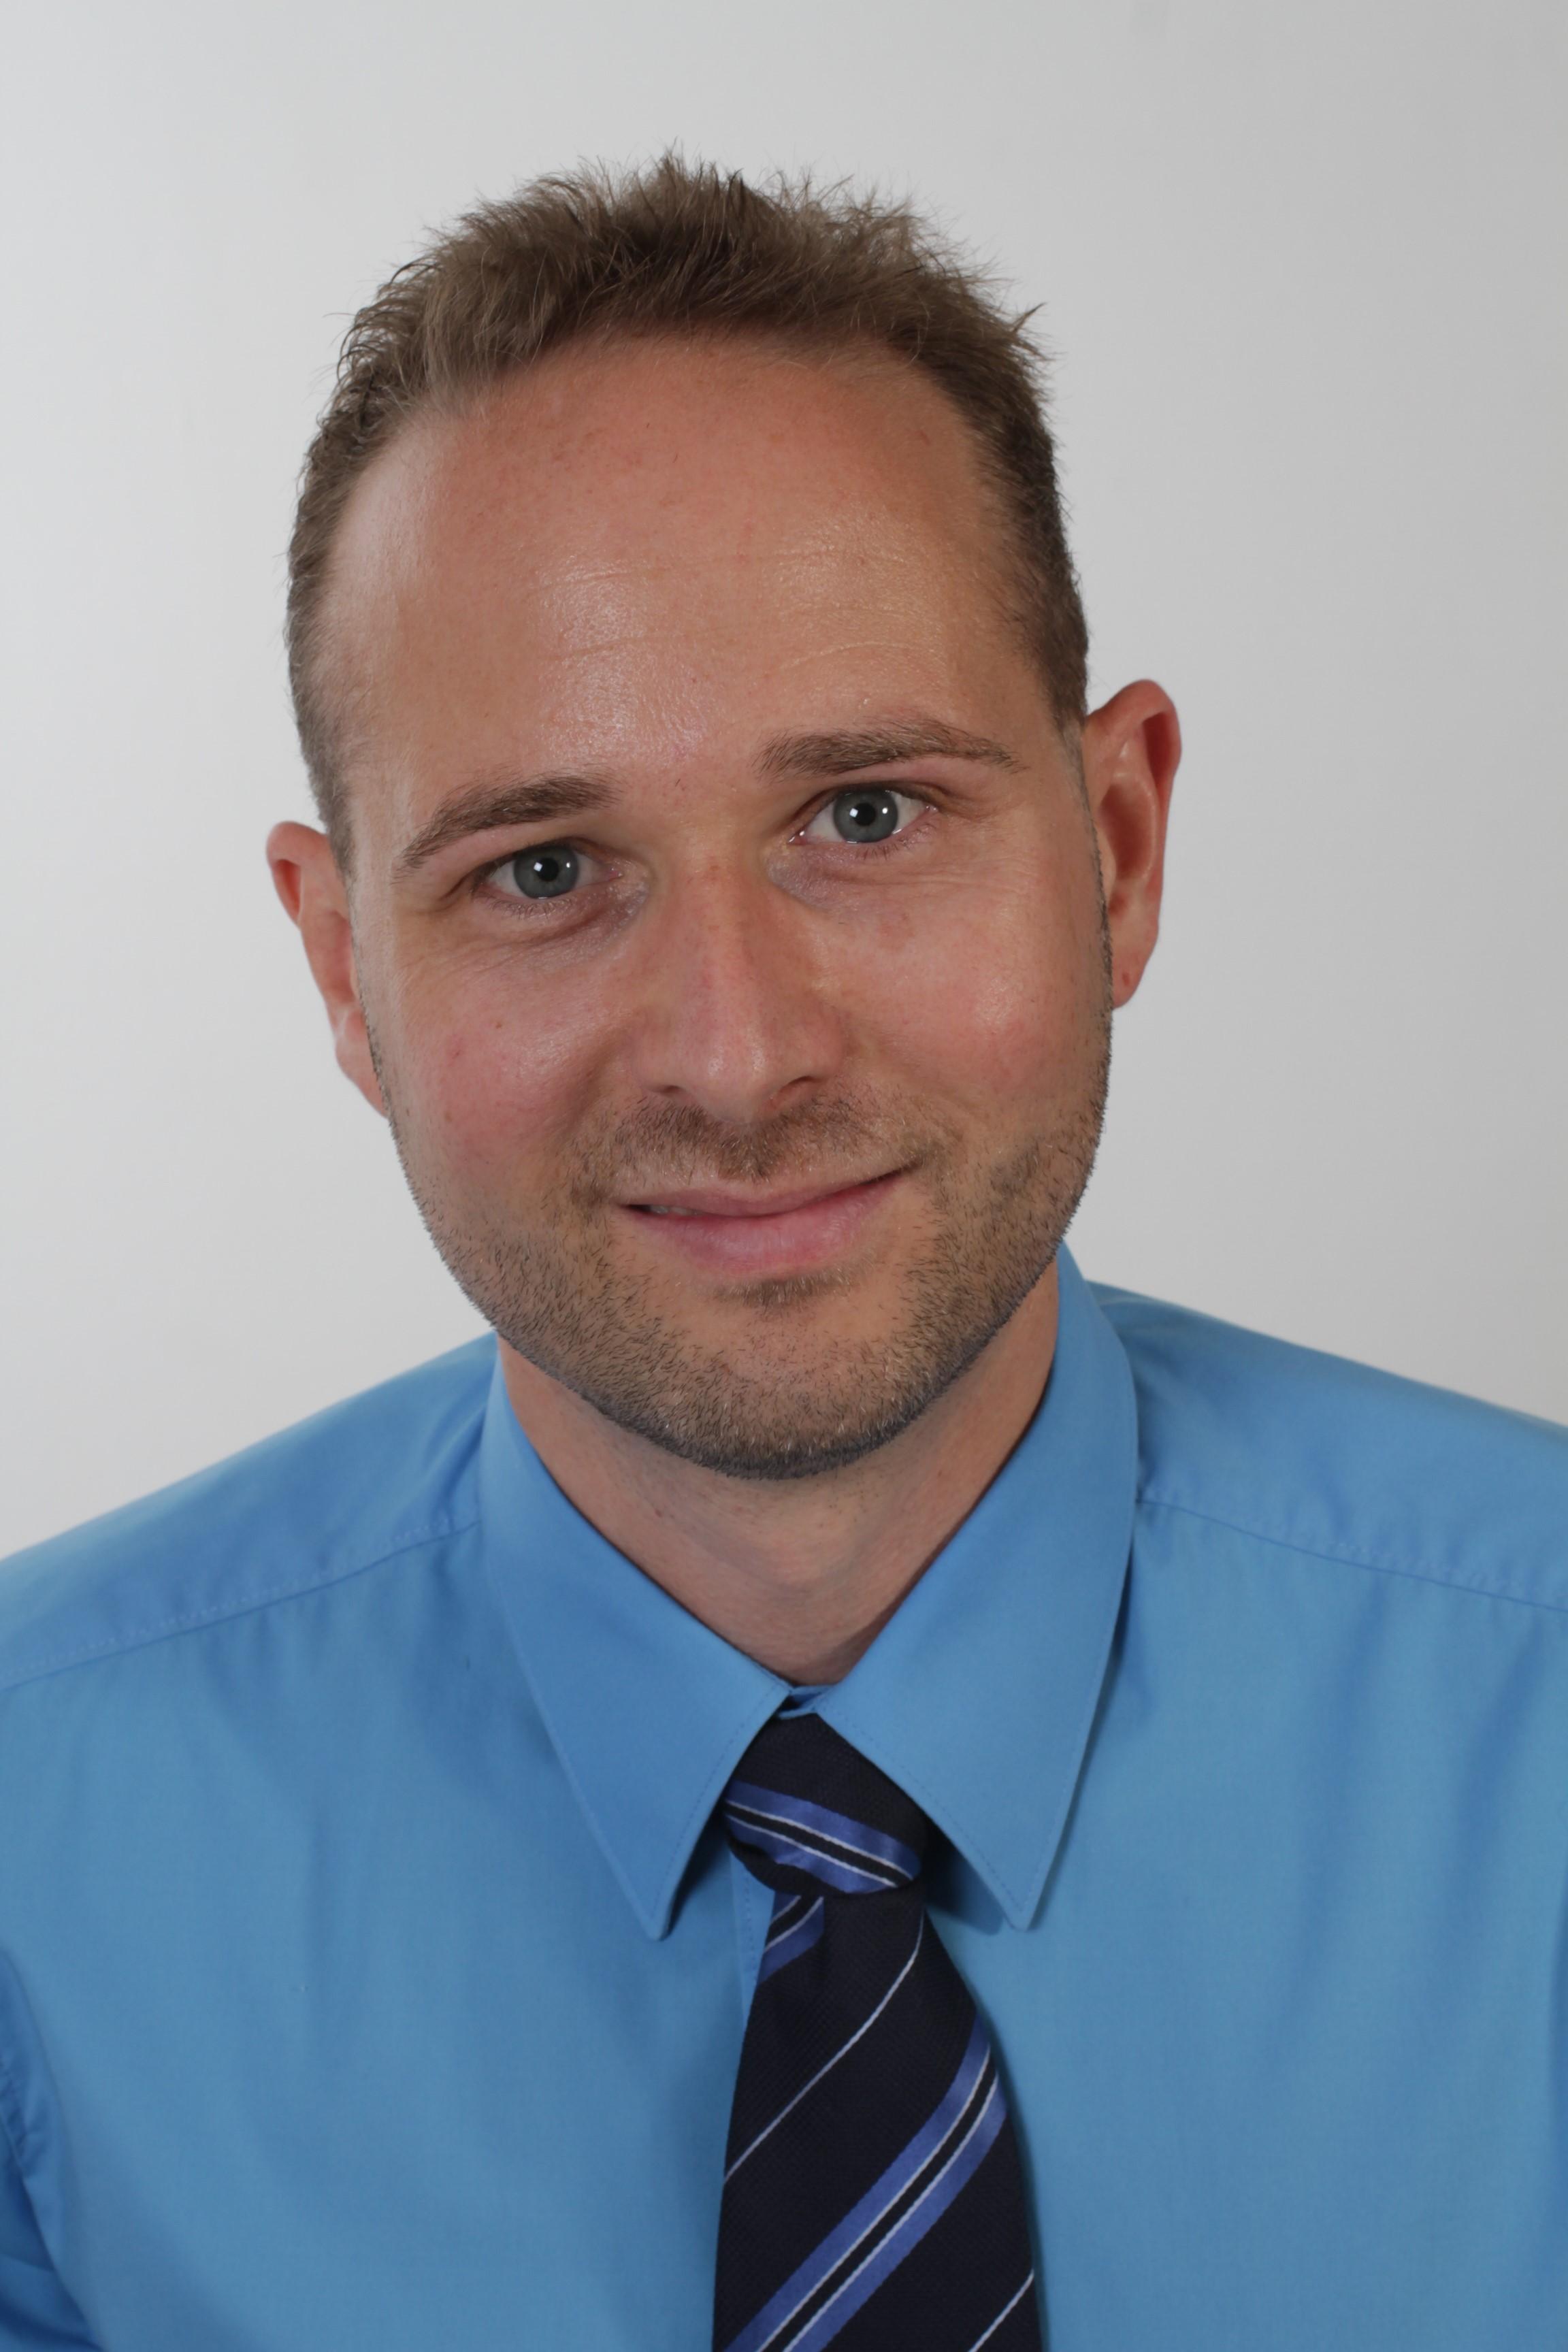 Alexander Wachter